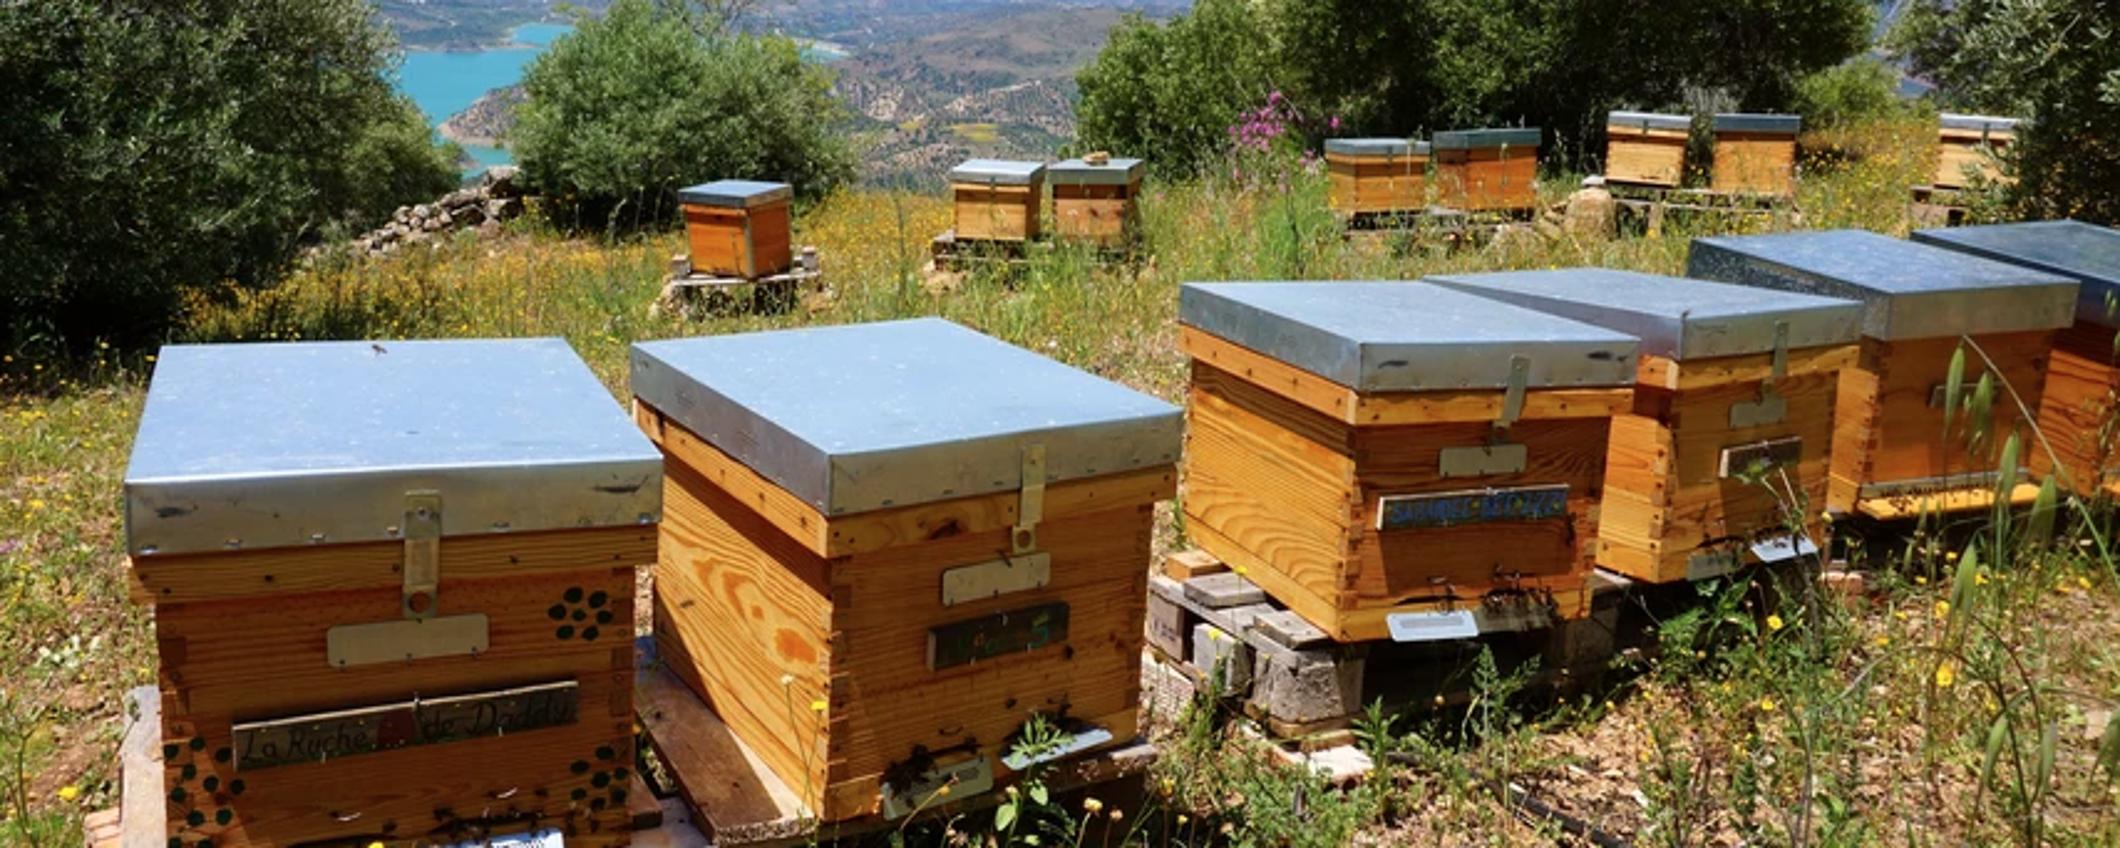 Colmenas Ladrón de miel